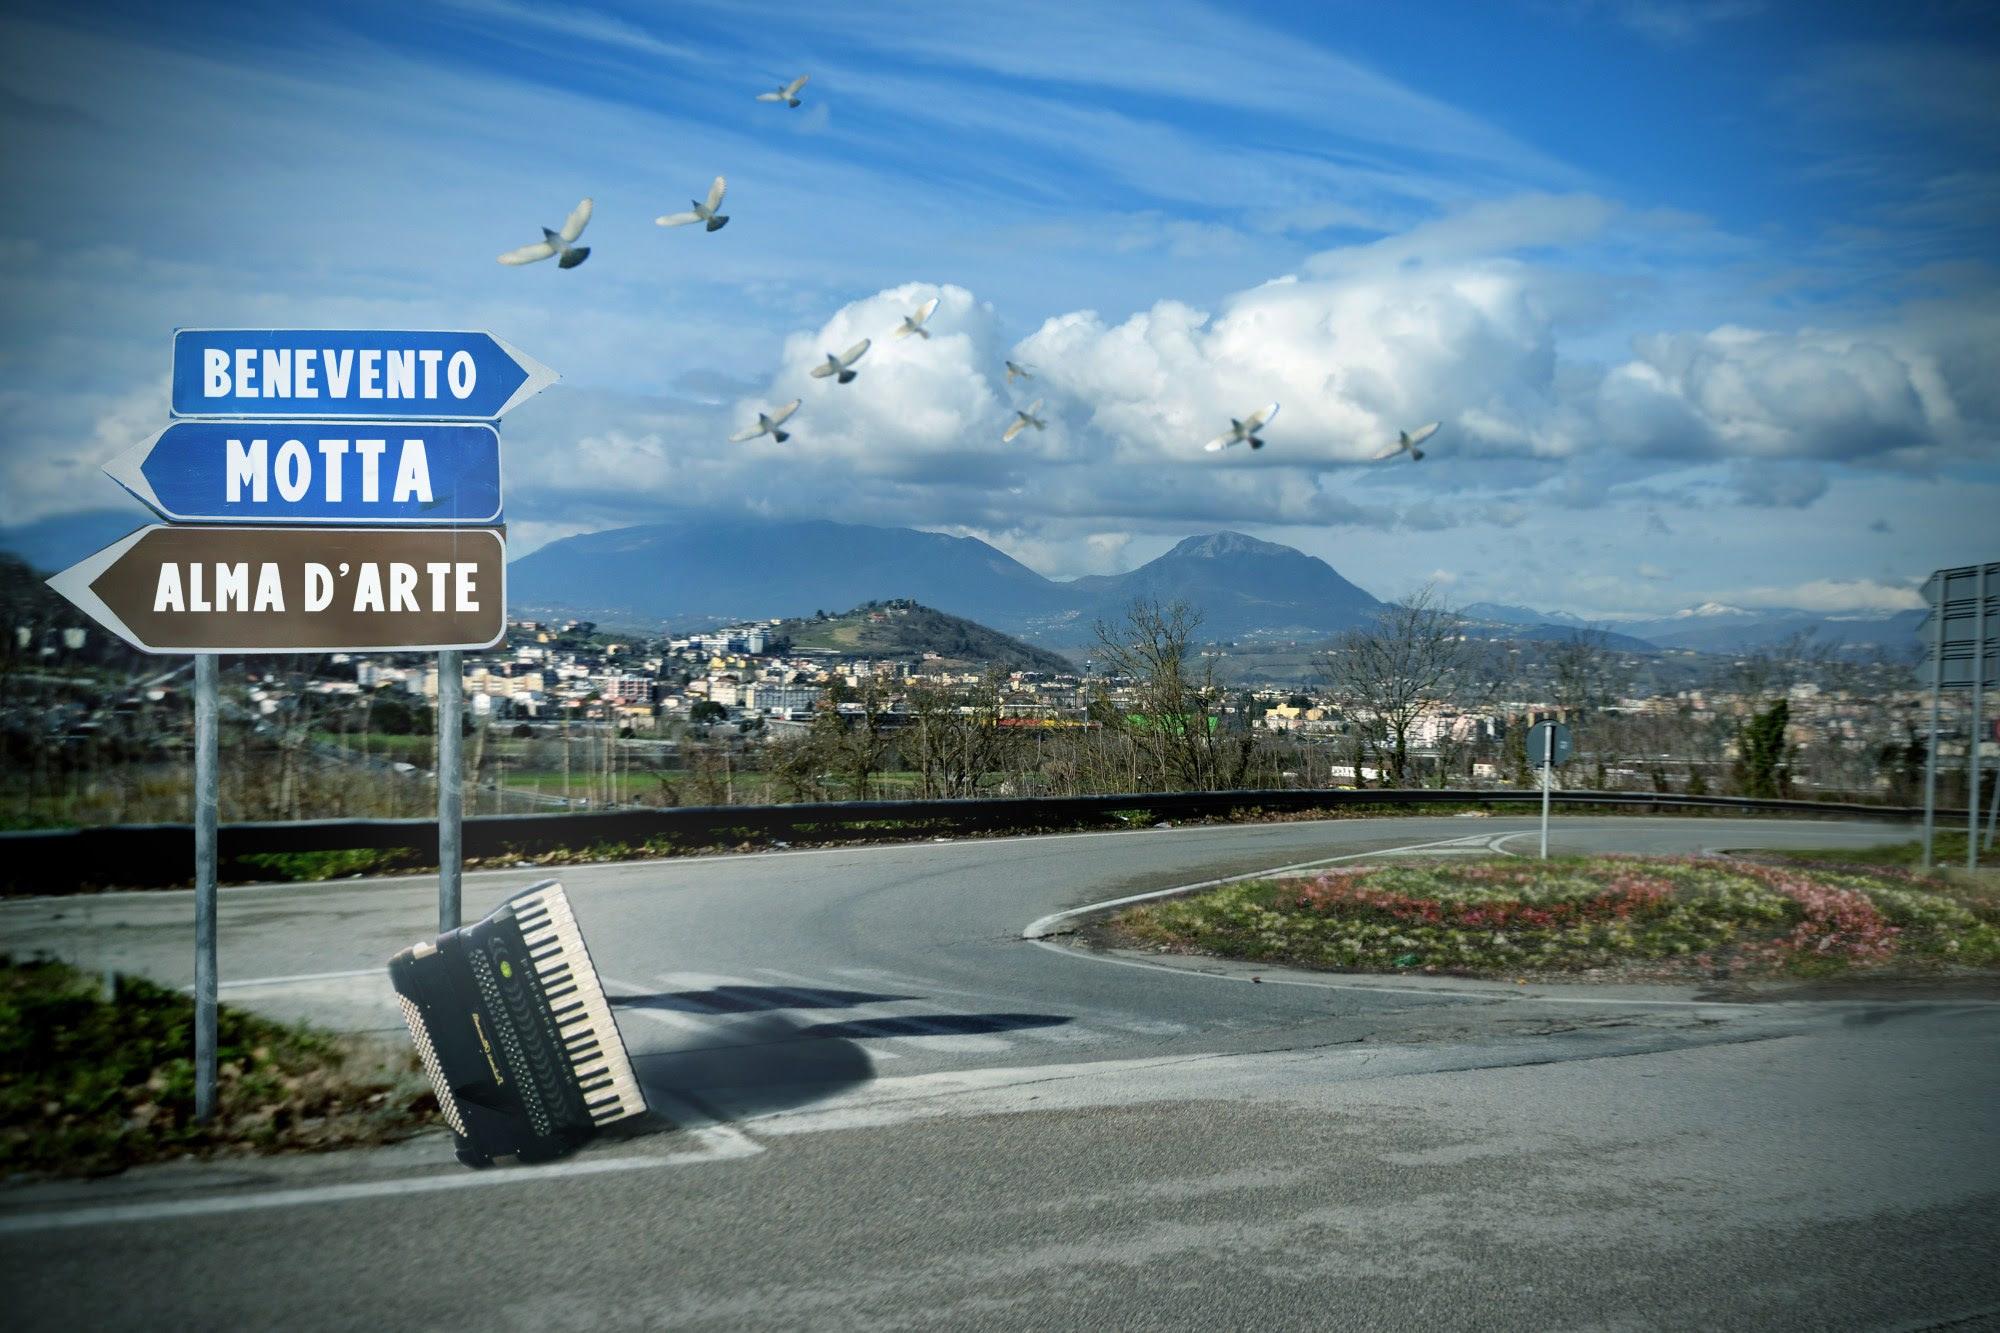 Inizia l'avventura della 'Scuola Civica Alma d'Arte', presidio di arte e integrazione nel Sannio